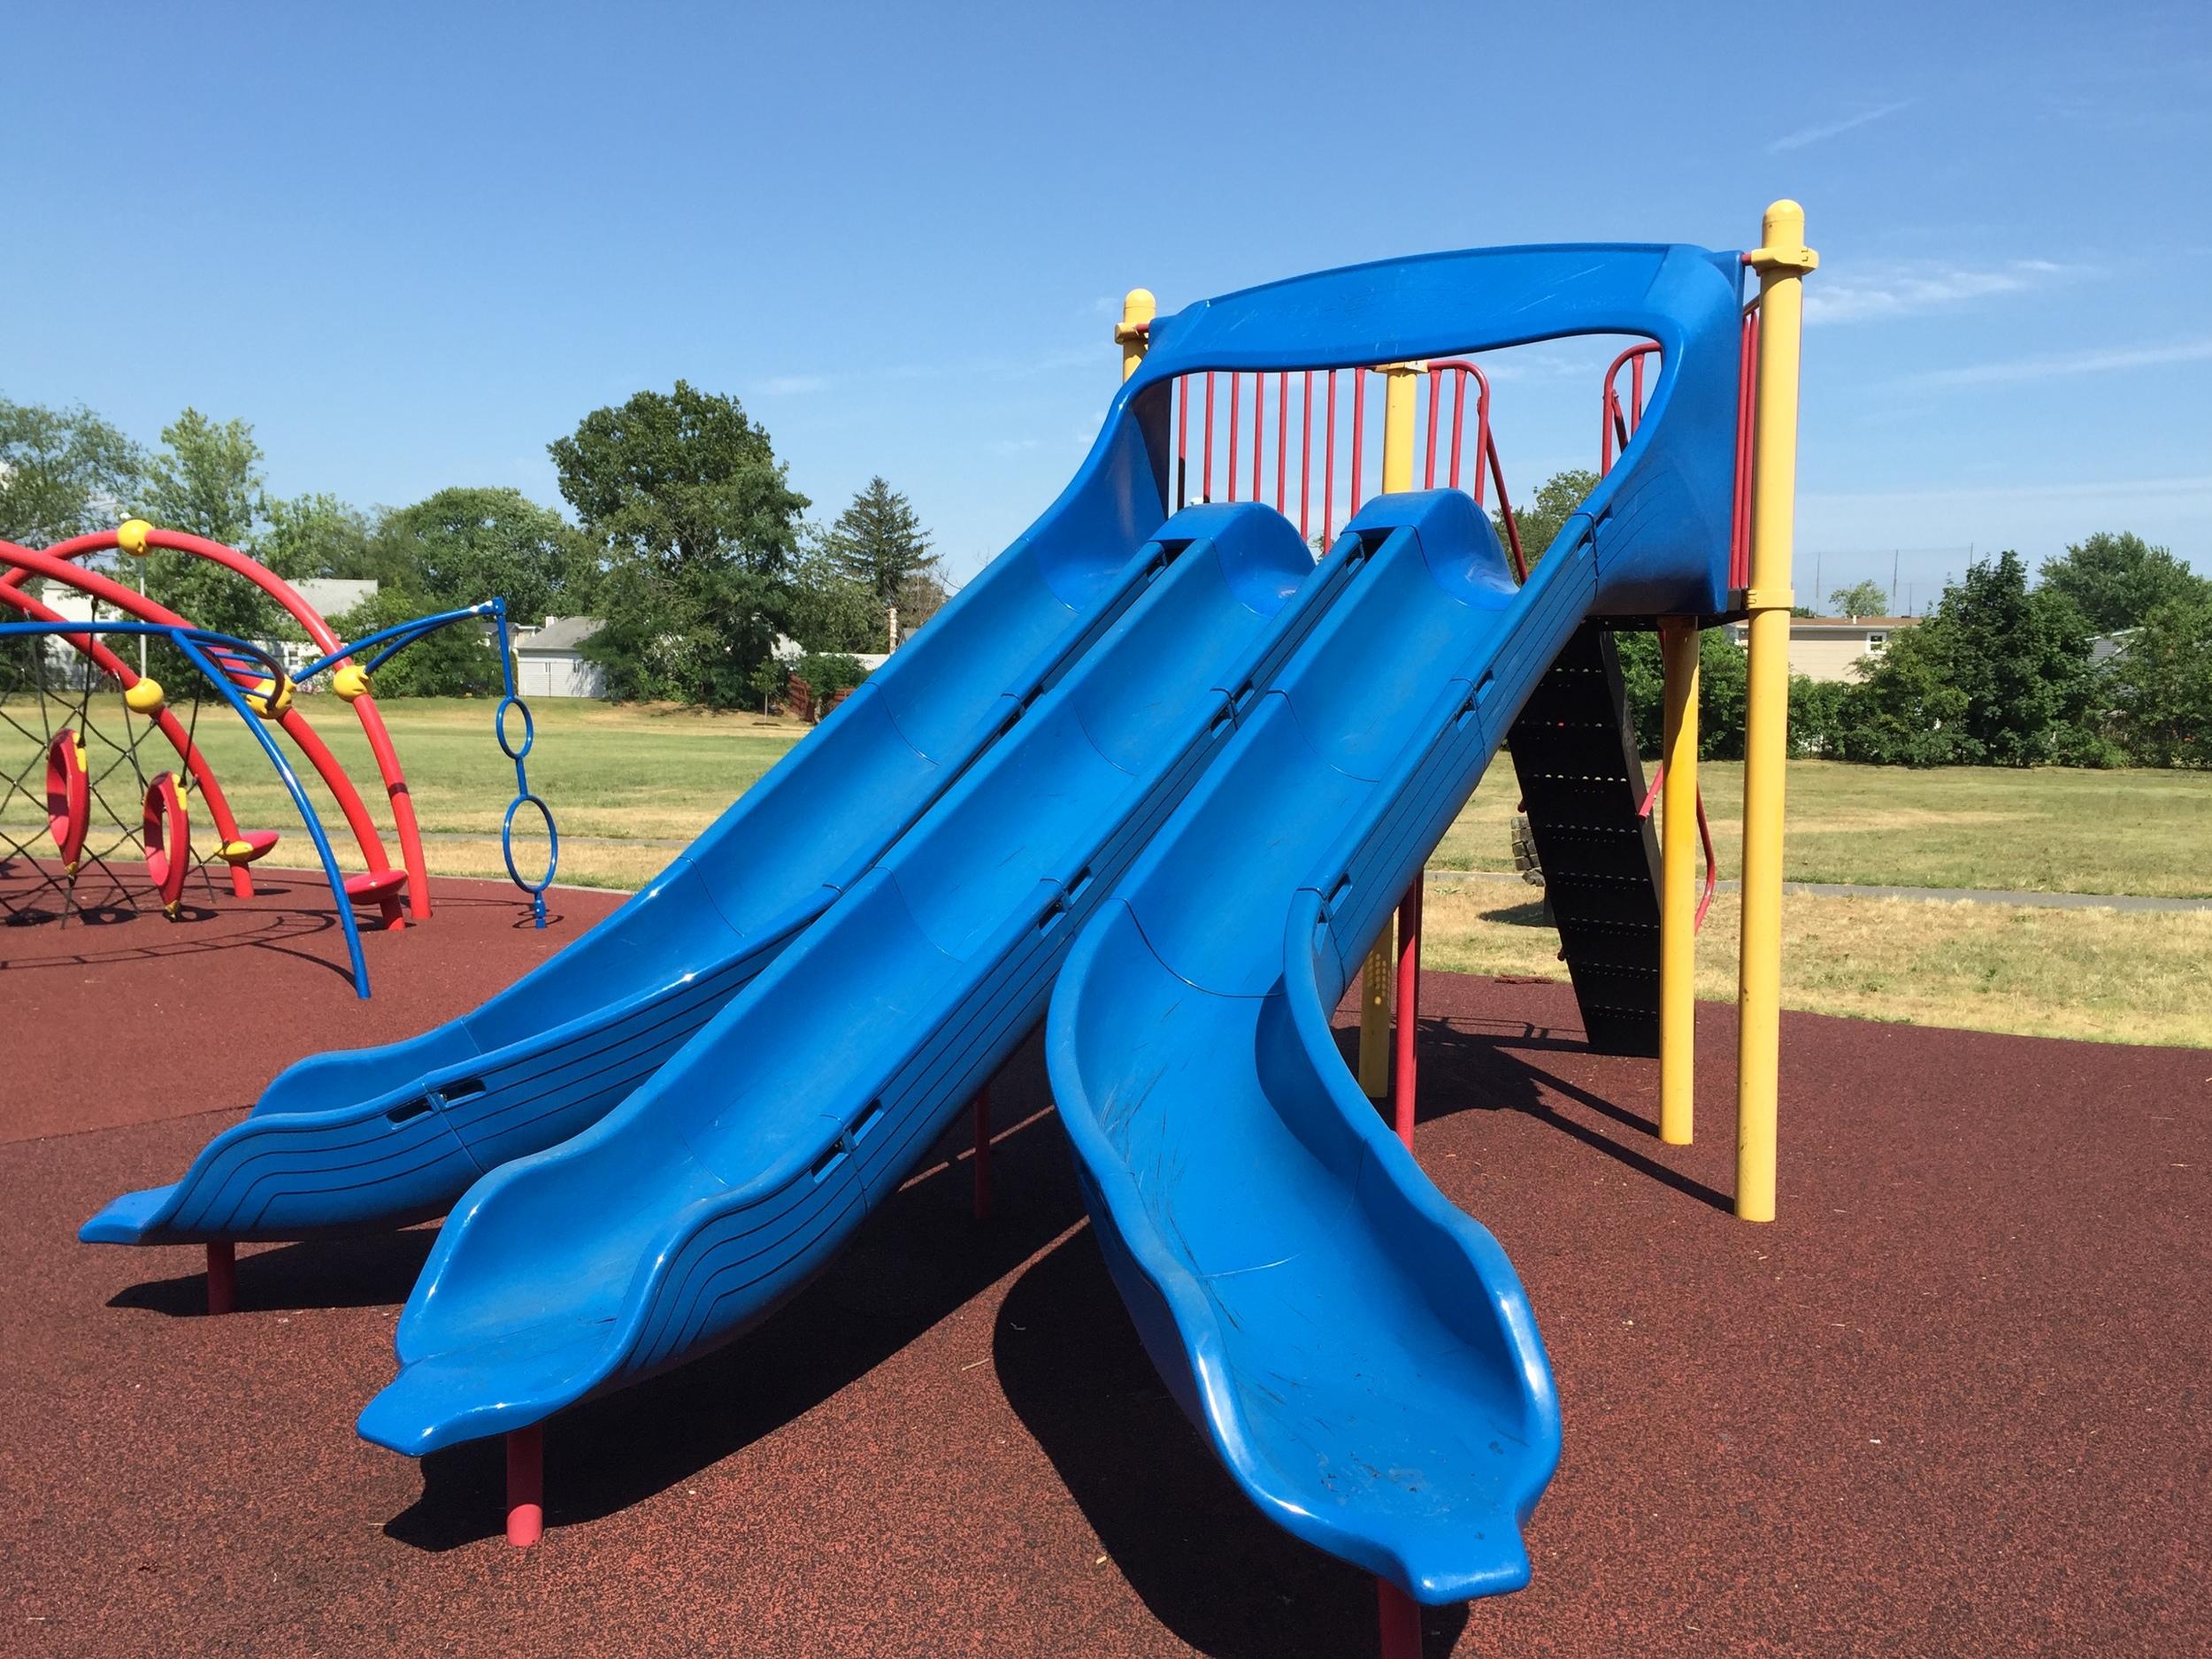 Triple slides at Michel Park